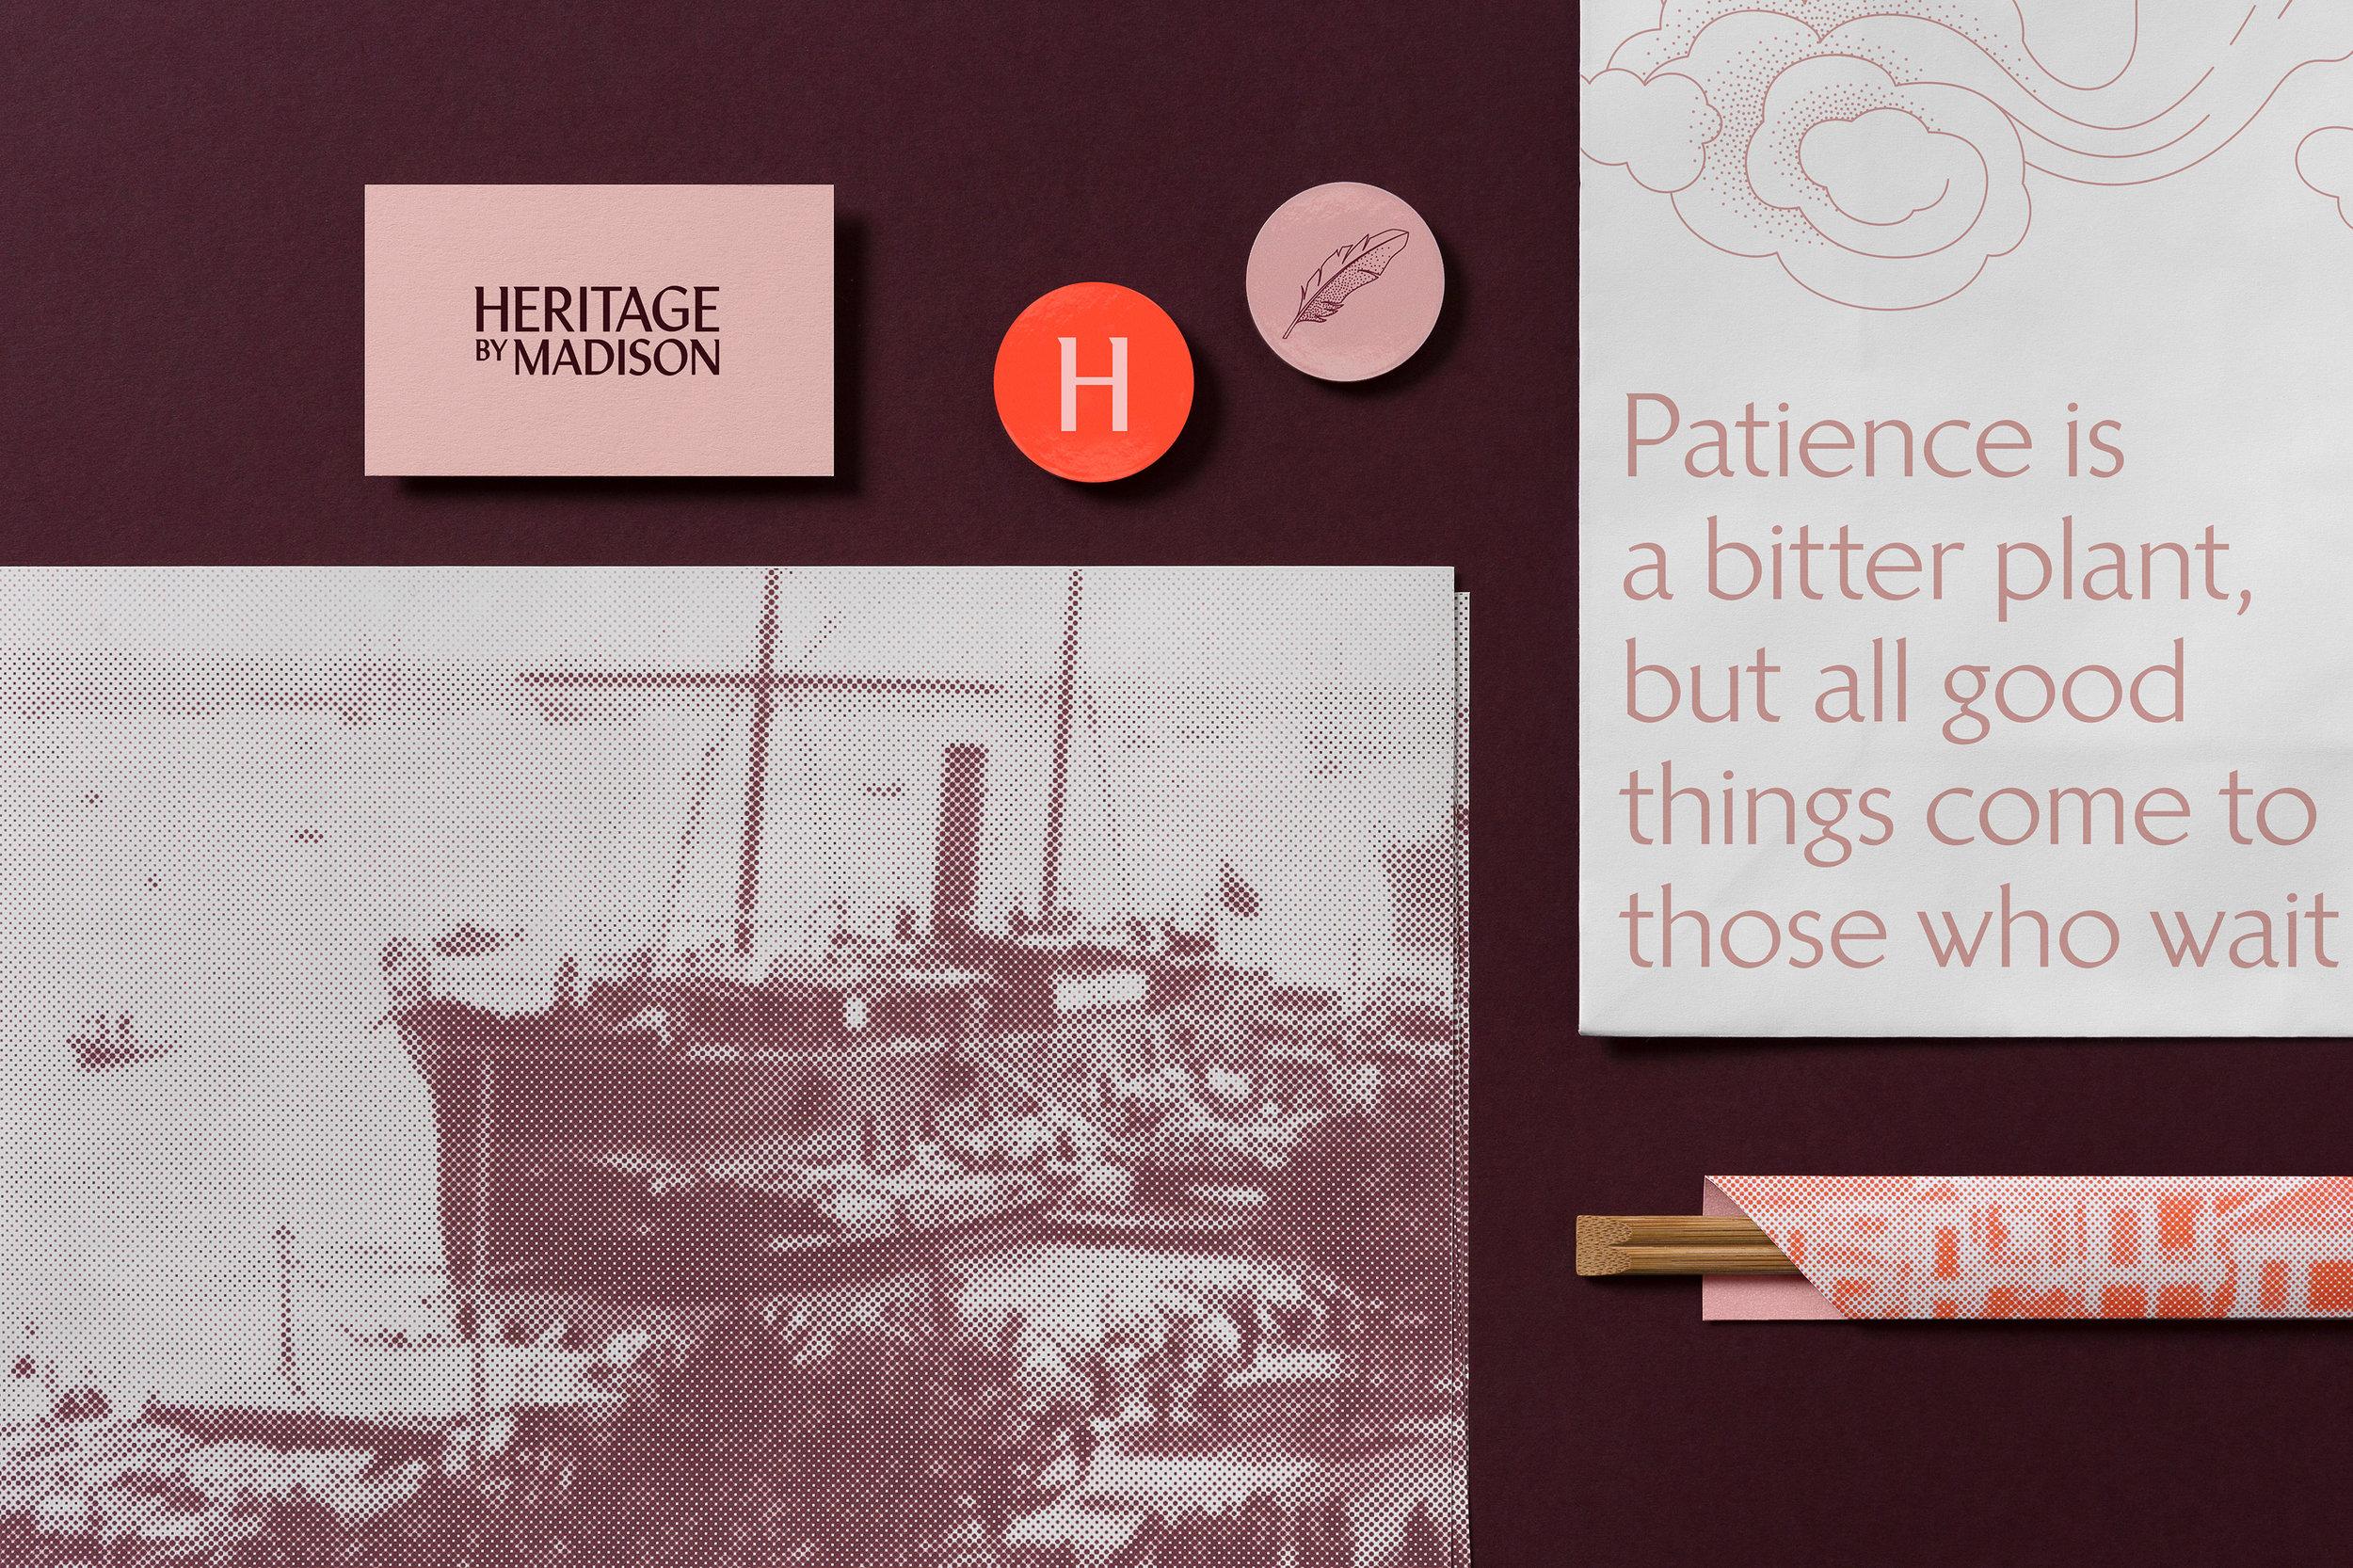 ReAgency_Heritage_TakeawayFlatlay_Digital_MedRes_01.jpg